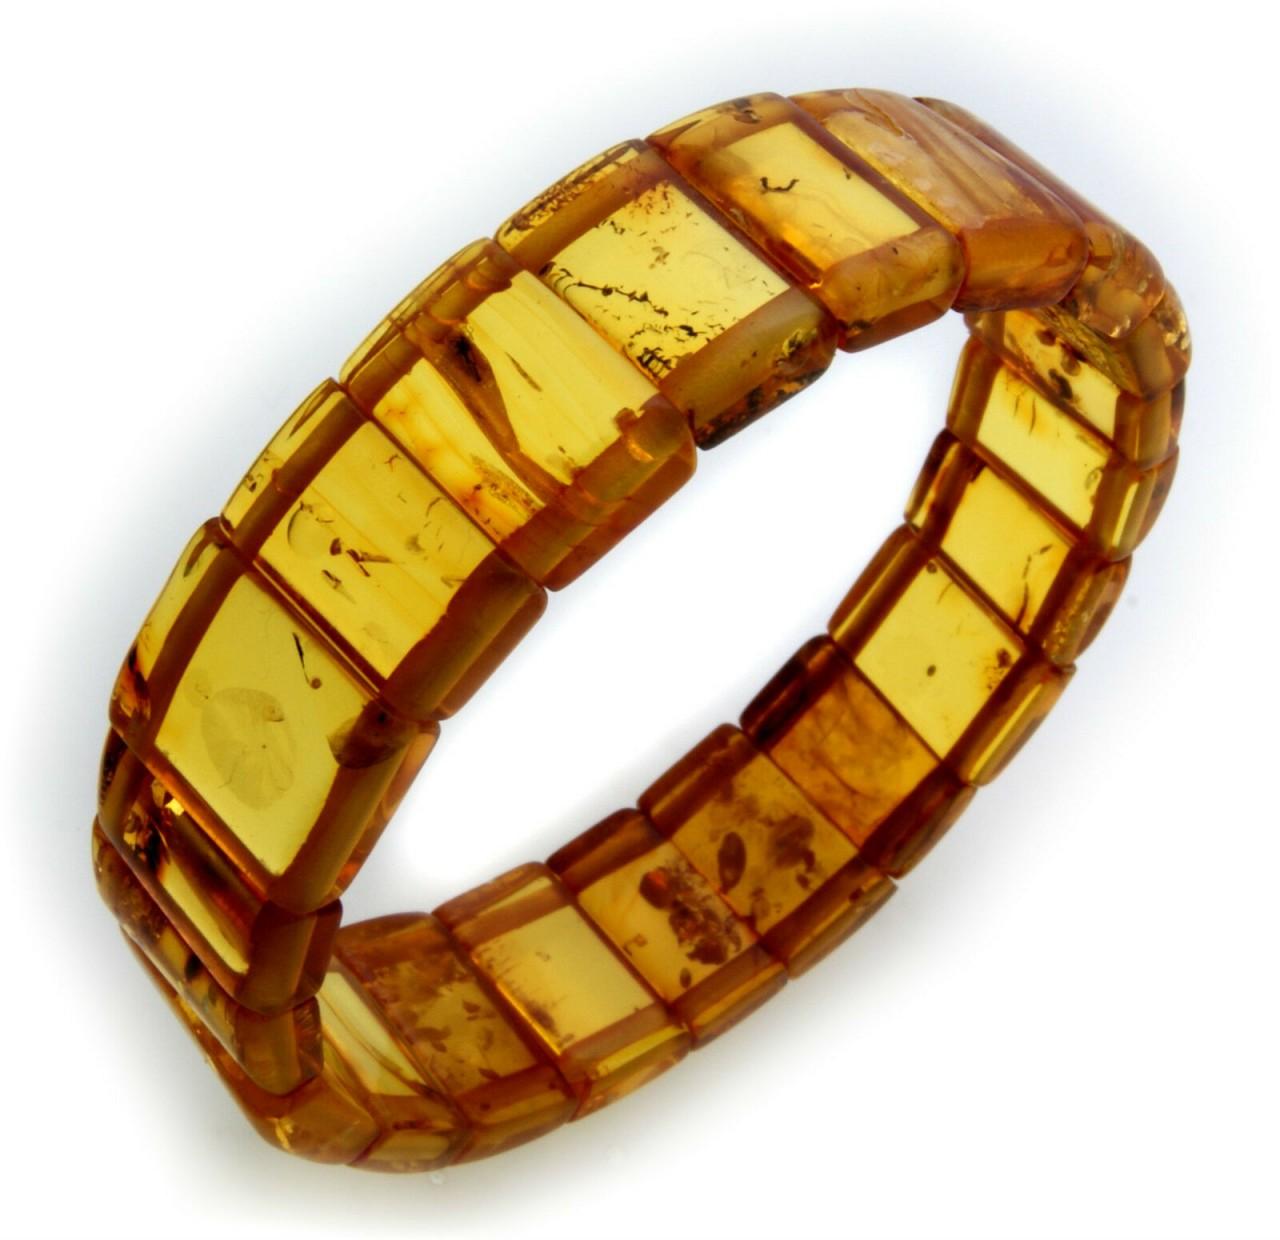 Damen Armband echter Bernstein braun cognac aus der Ostsee beste Qualität Neu